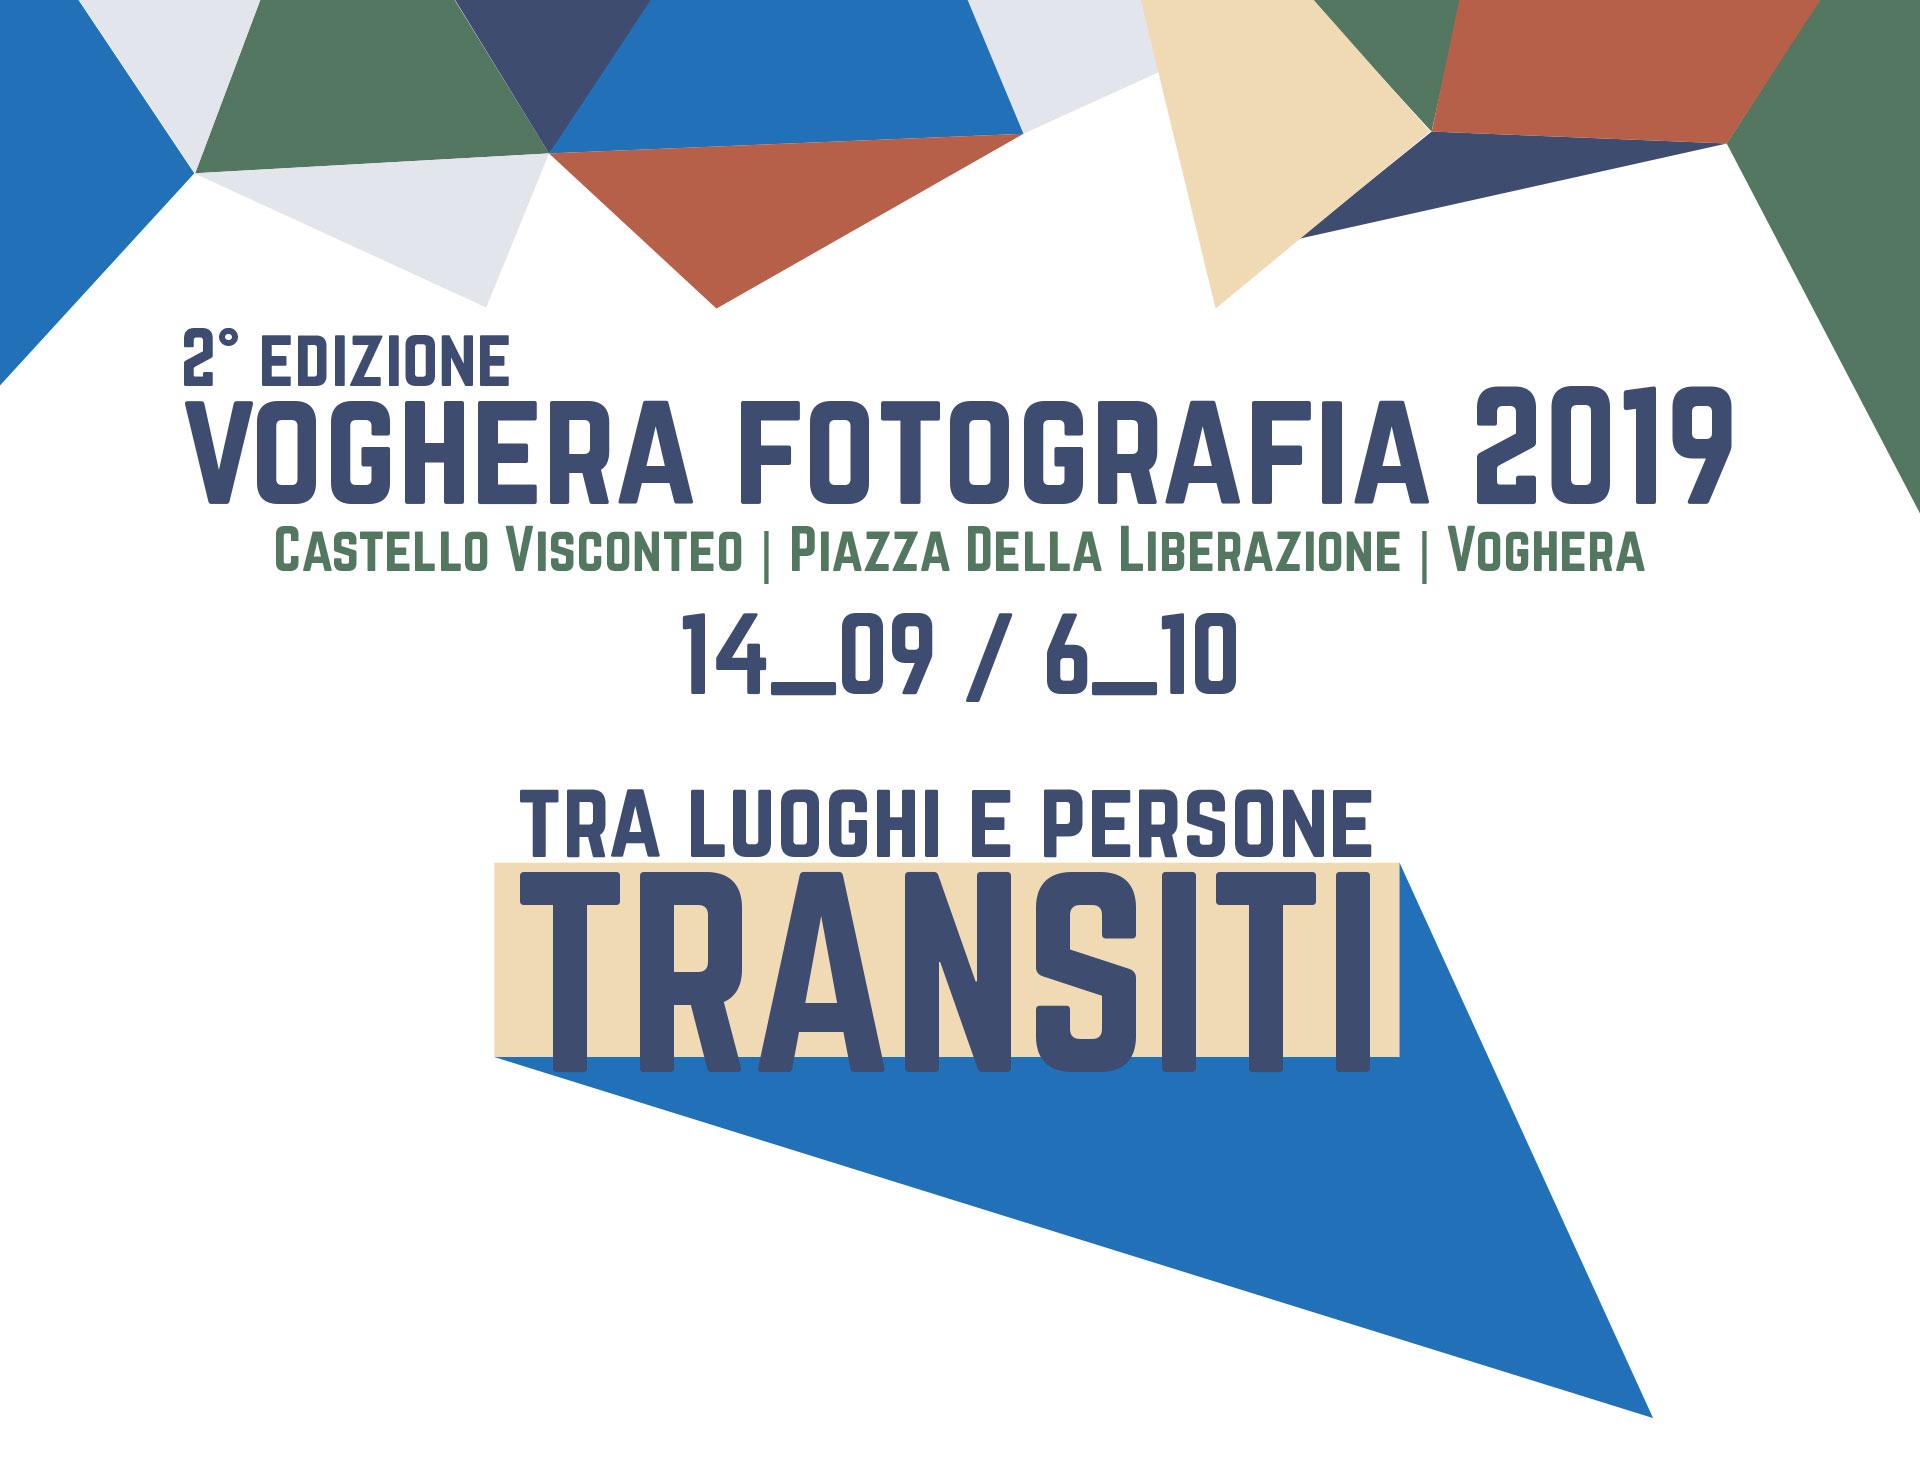 La seconda edizione di Voghera Fotografia si tiene dal 14 settembre al 6 ottobre